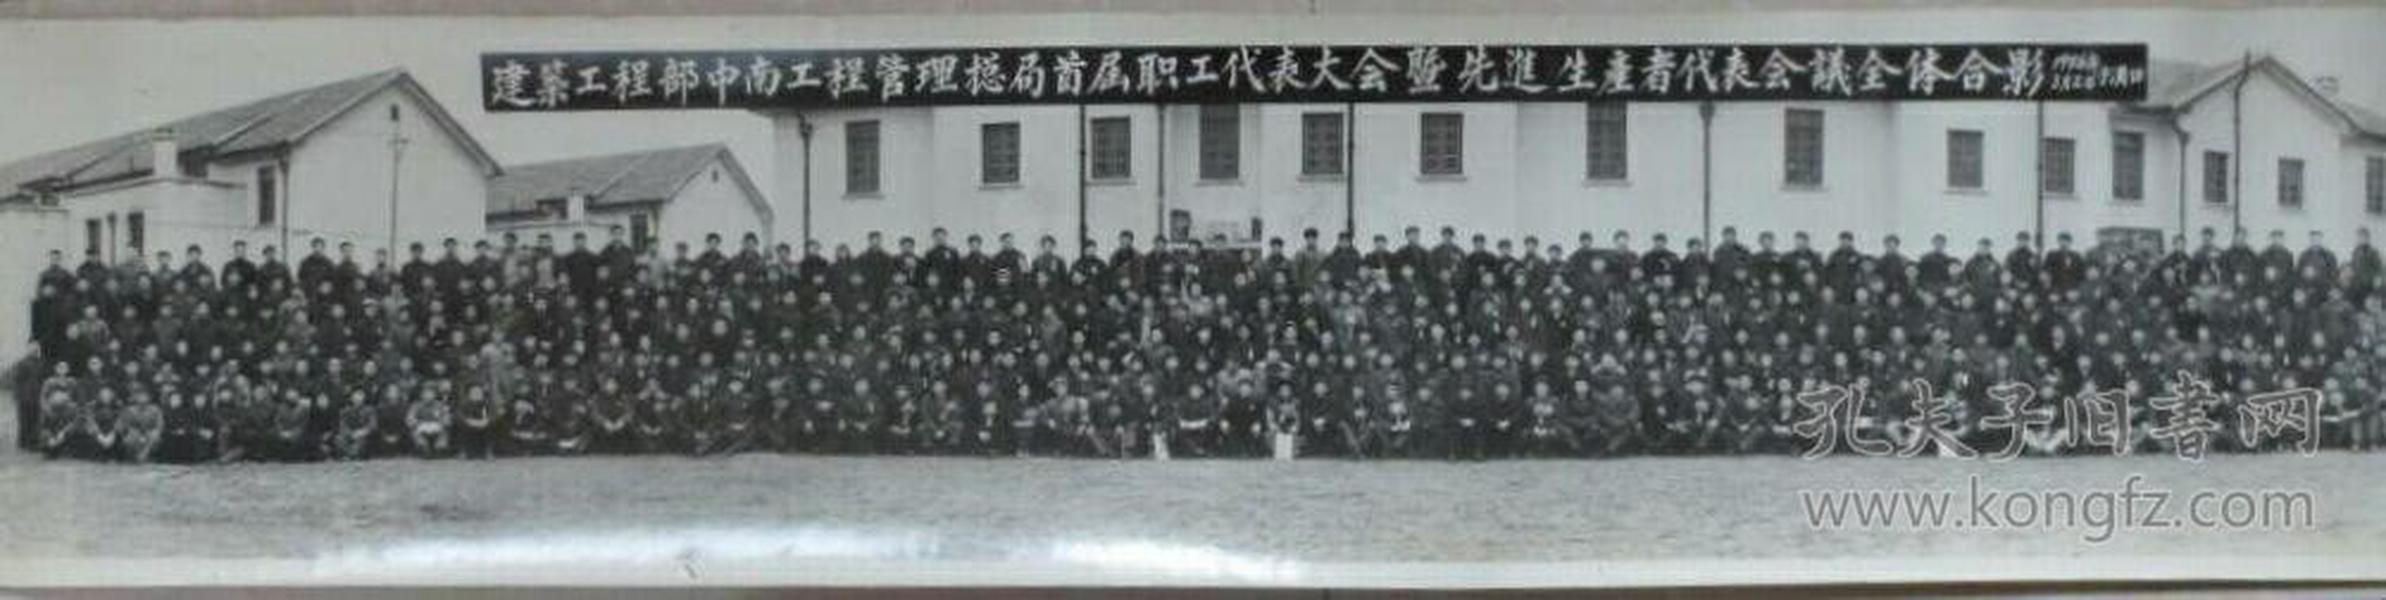 1956年建筑工程部中南工程管理总局首届职工代表大会暨先进生产者代表大会议全体合影